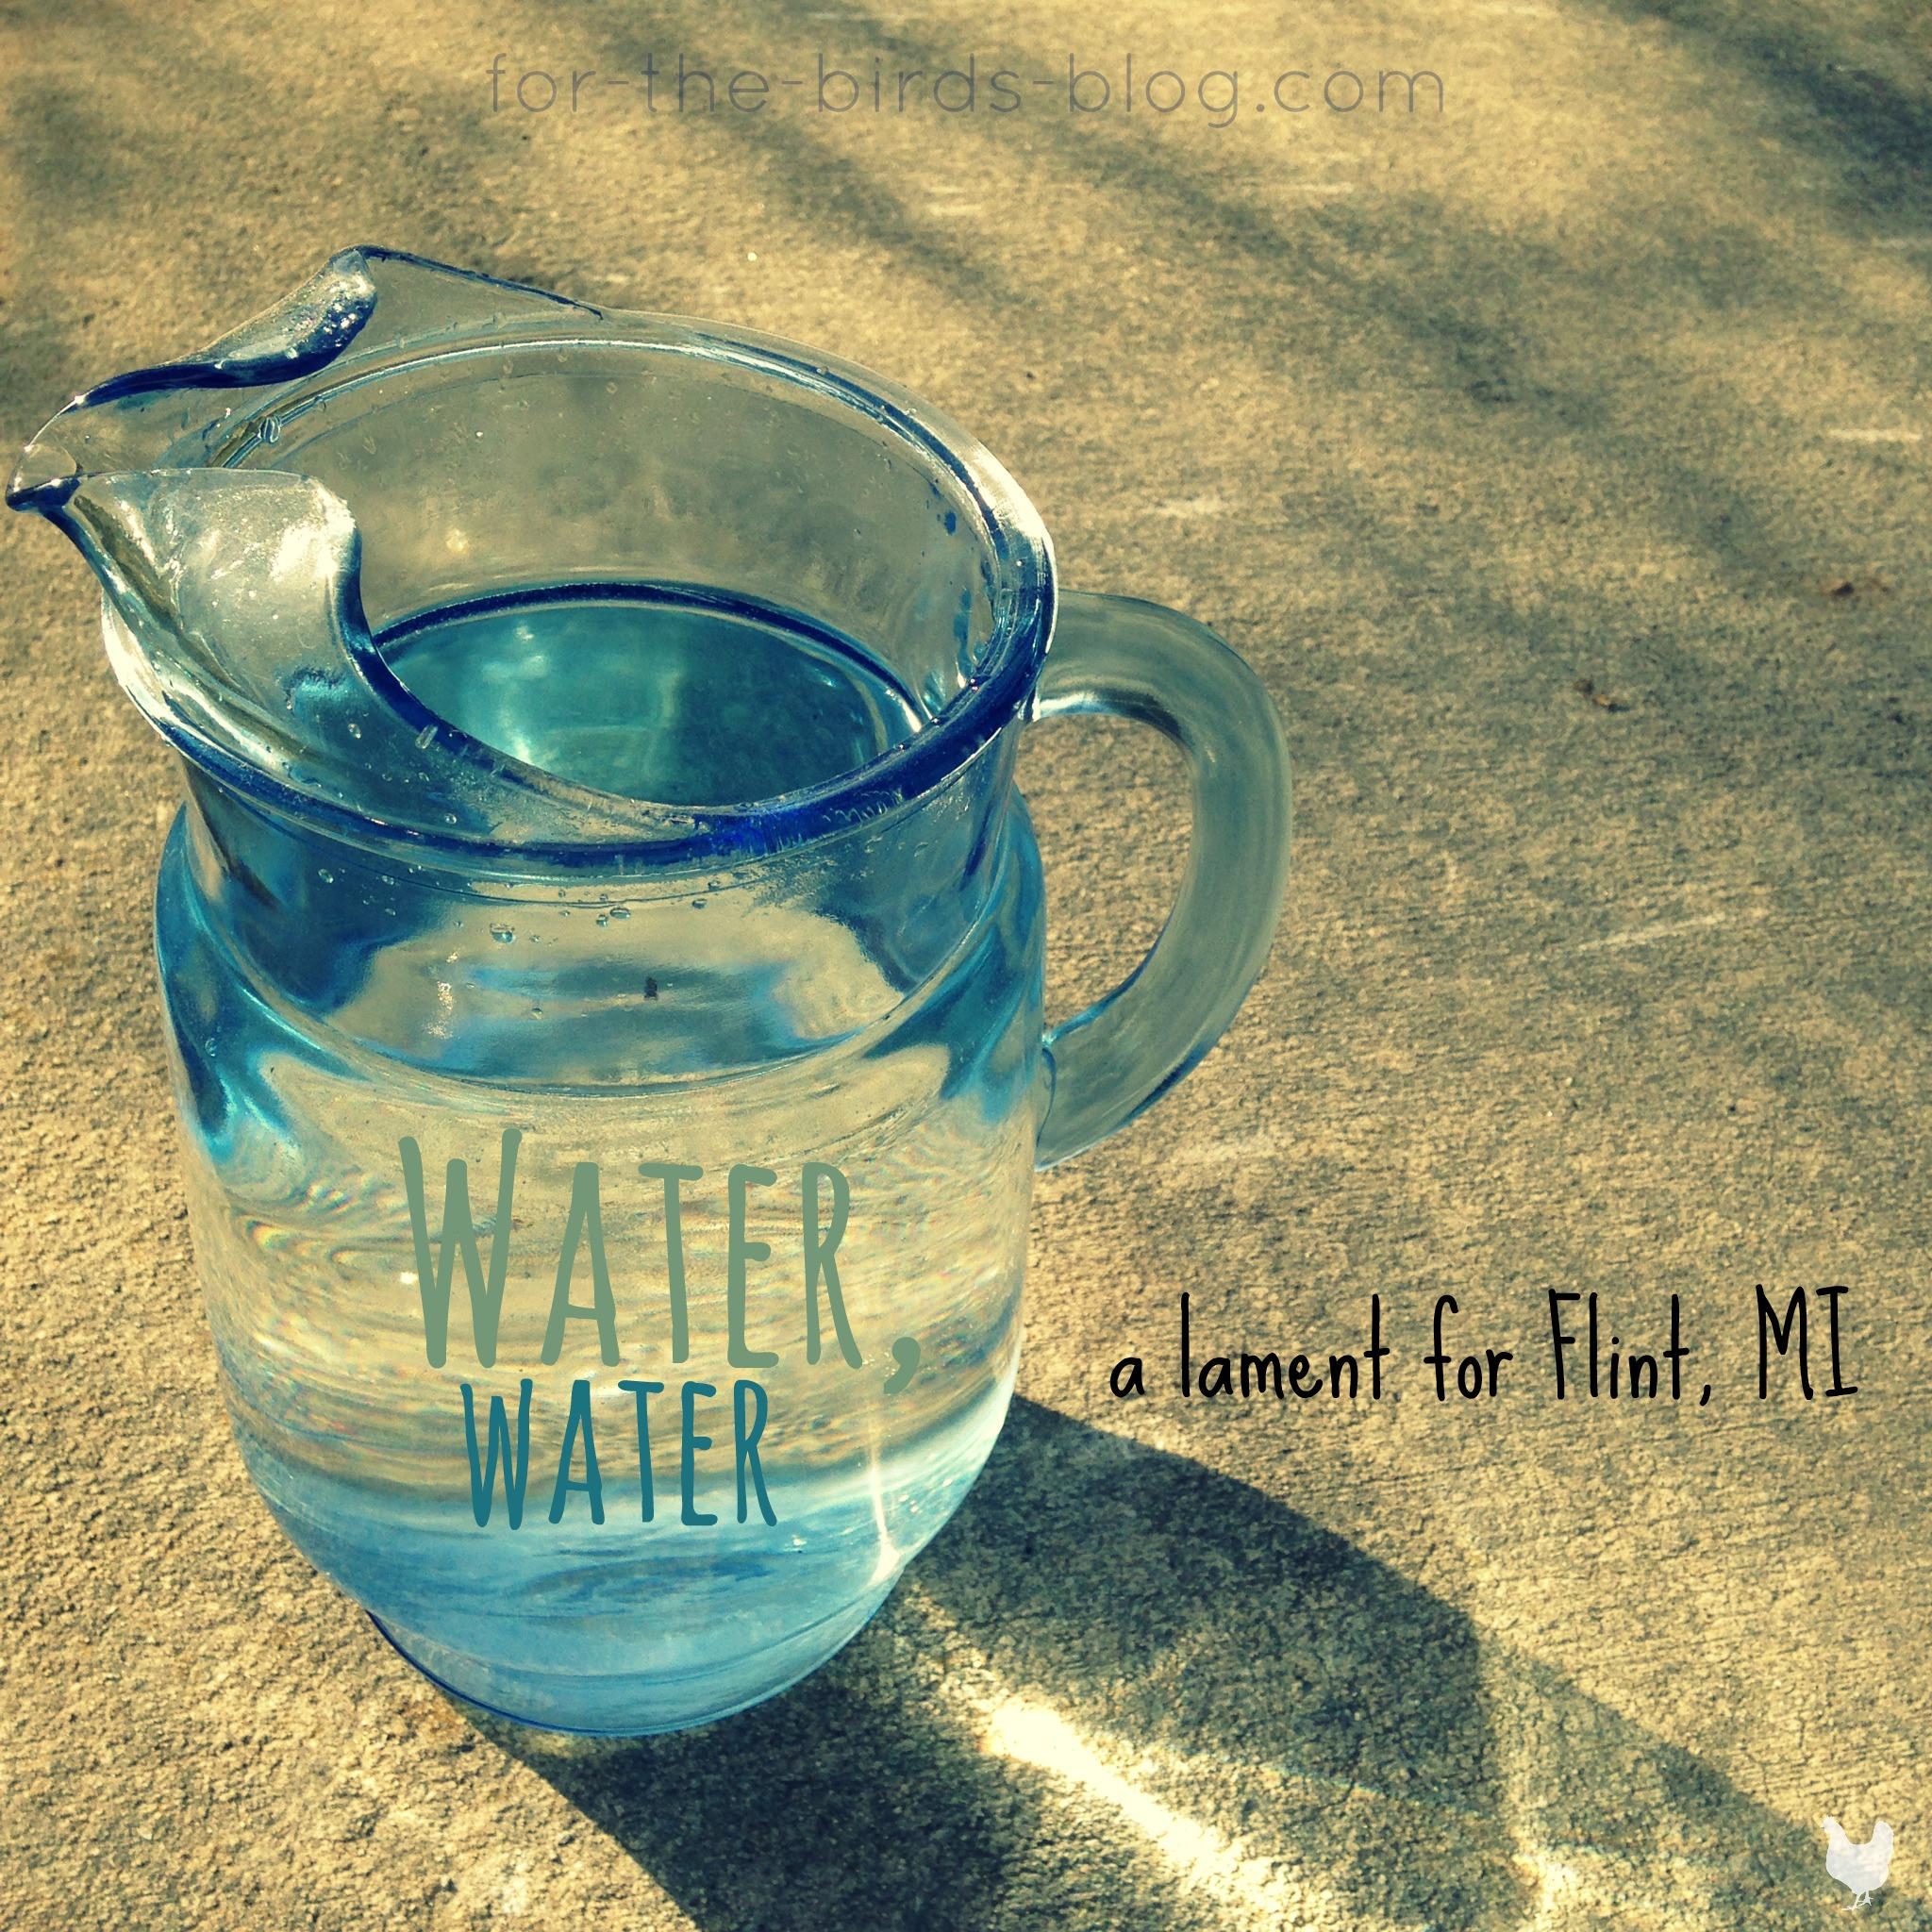 water water a lament for flint mi